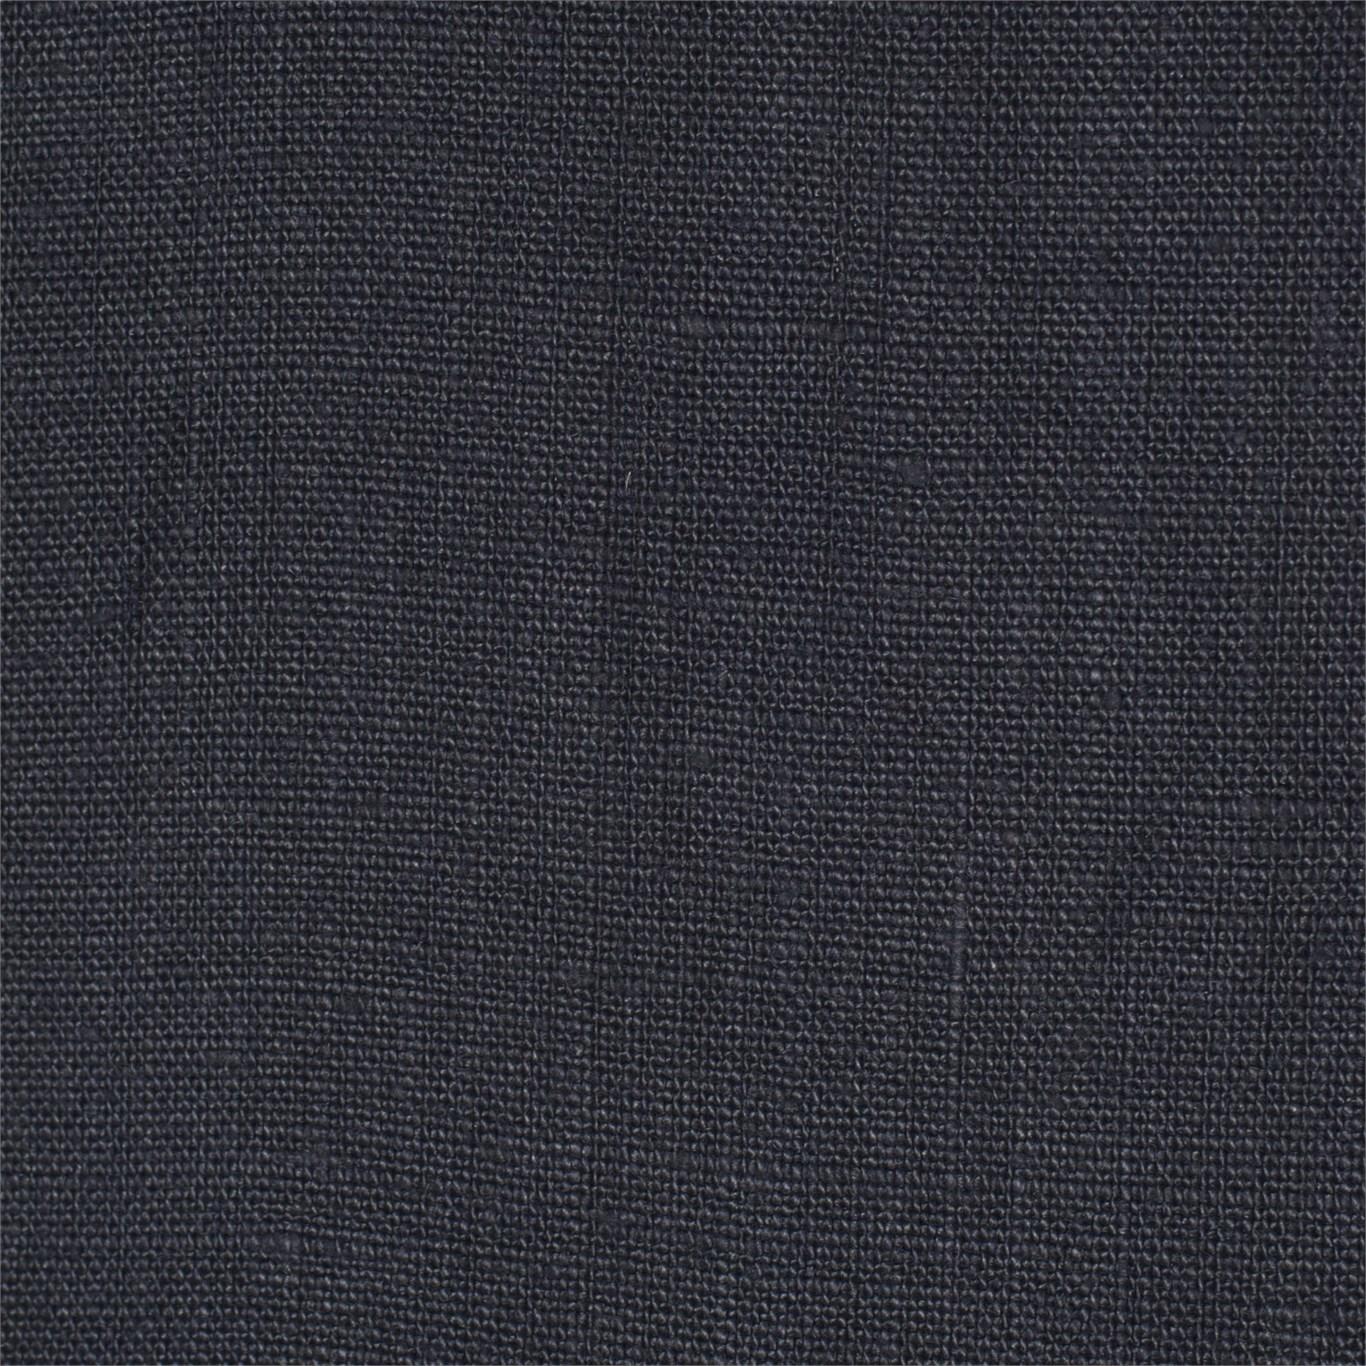 DRUSRU314